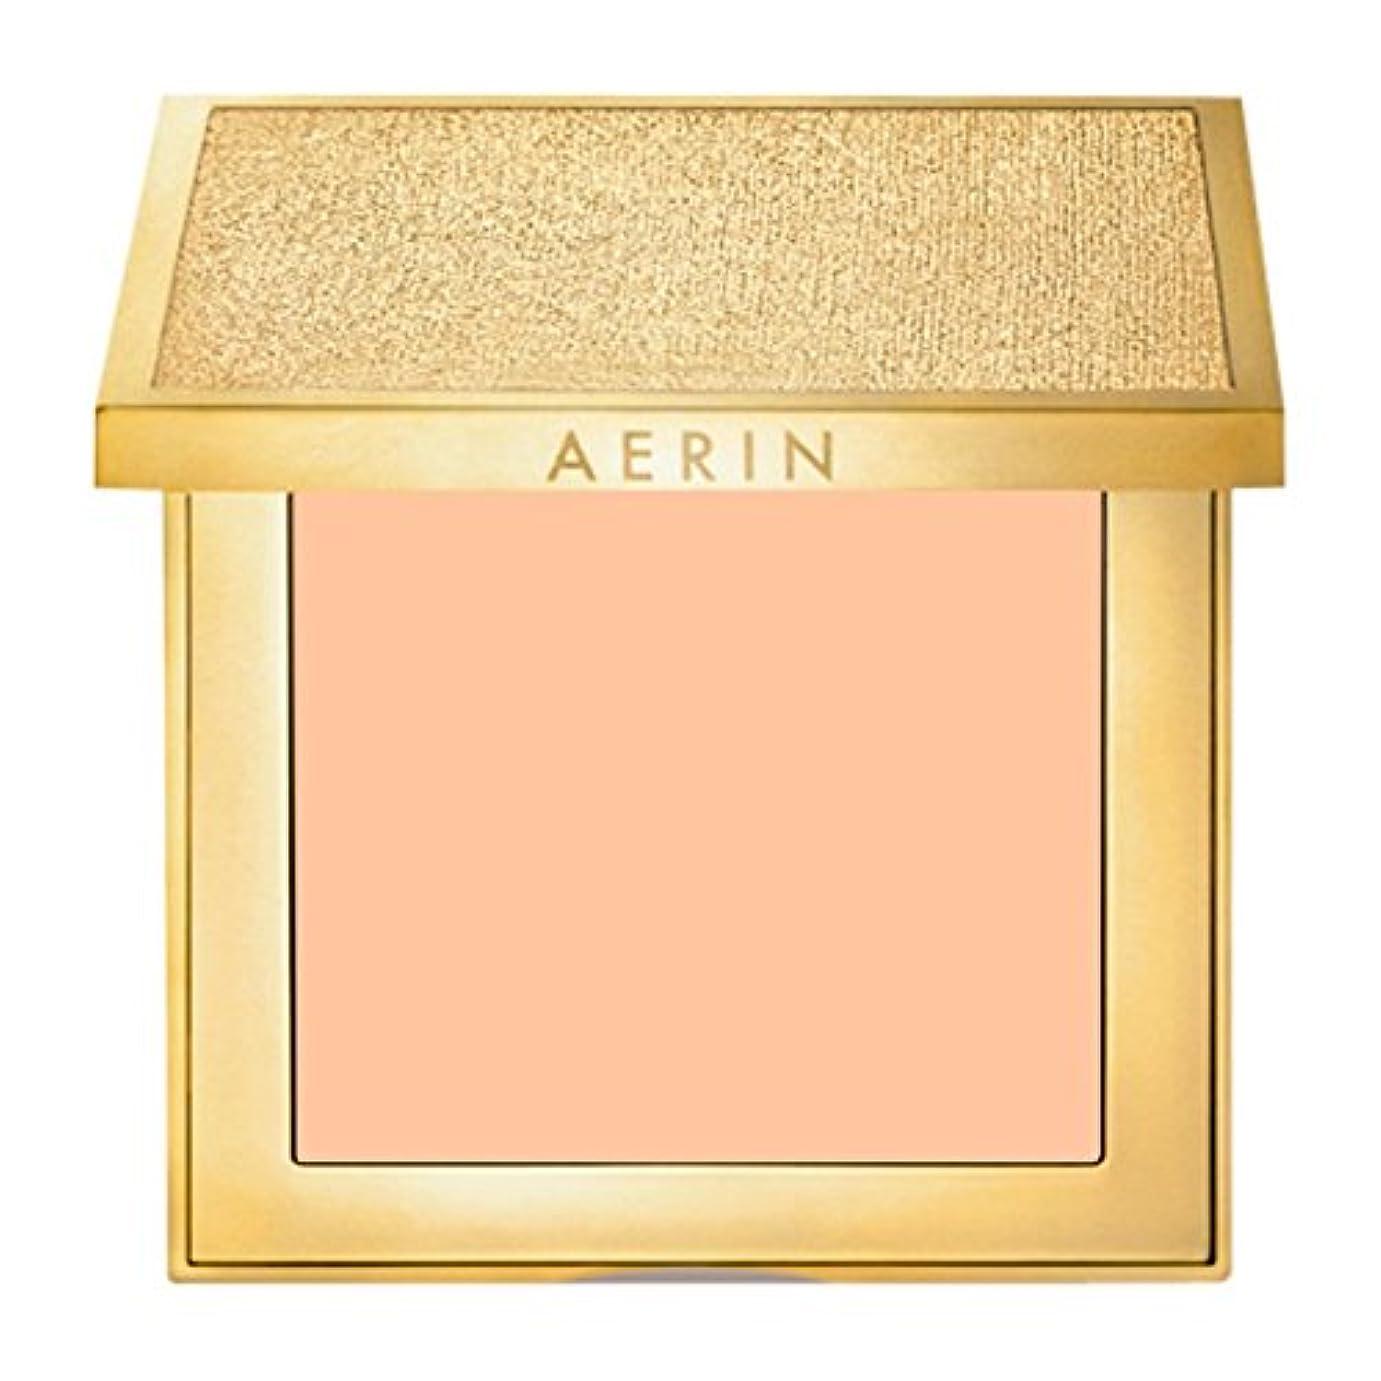 広々甲虫残りAerin新鮮な肌コンパクトメイクアップレベル2 (AERIN) (x6) - AERIN Fresh Skin Compact Makeup Level 2 (Pack of 6) [並行輸入品]